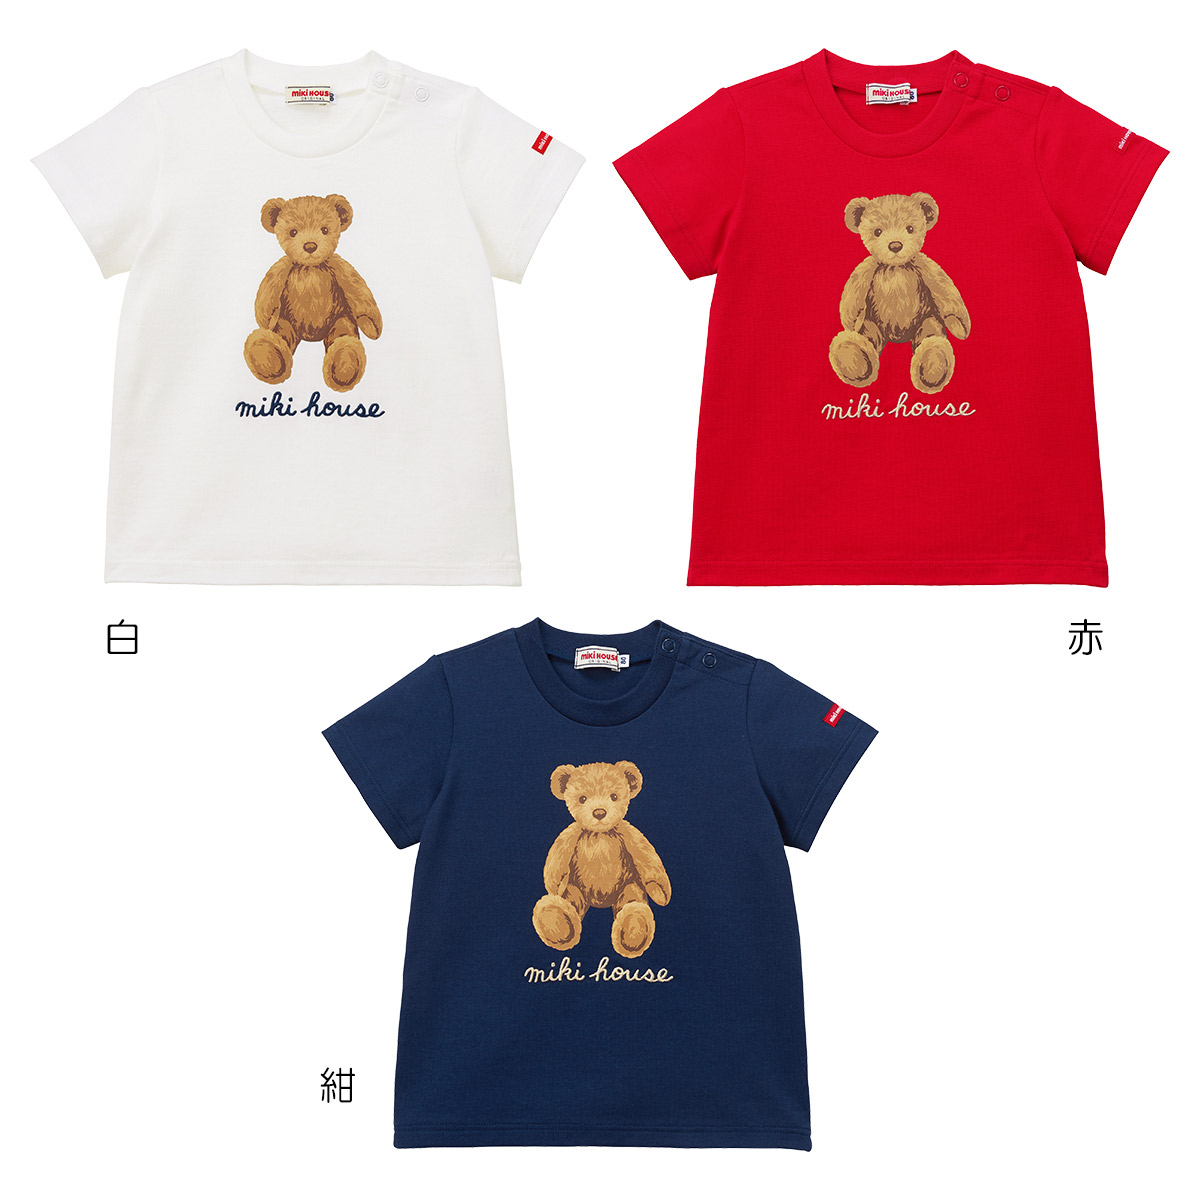 〇 ミキハウス Tシャツ5500 国内 マーケティング 3 値引き 980円以上で送料無料